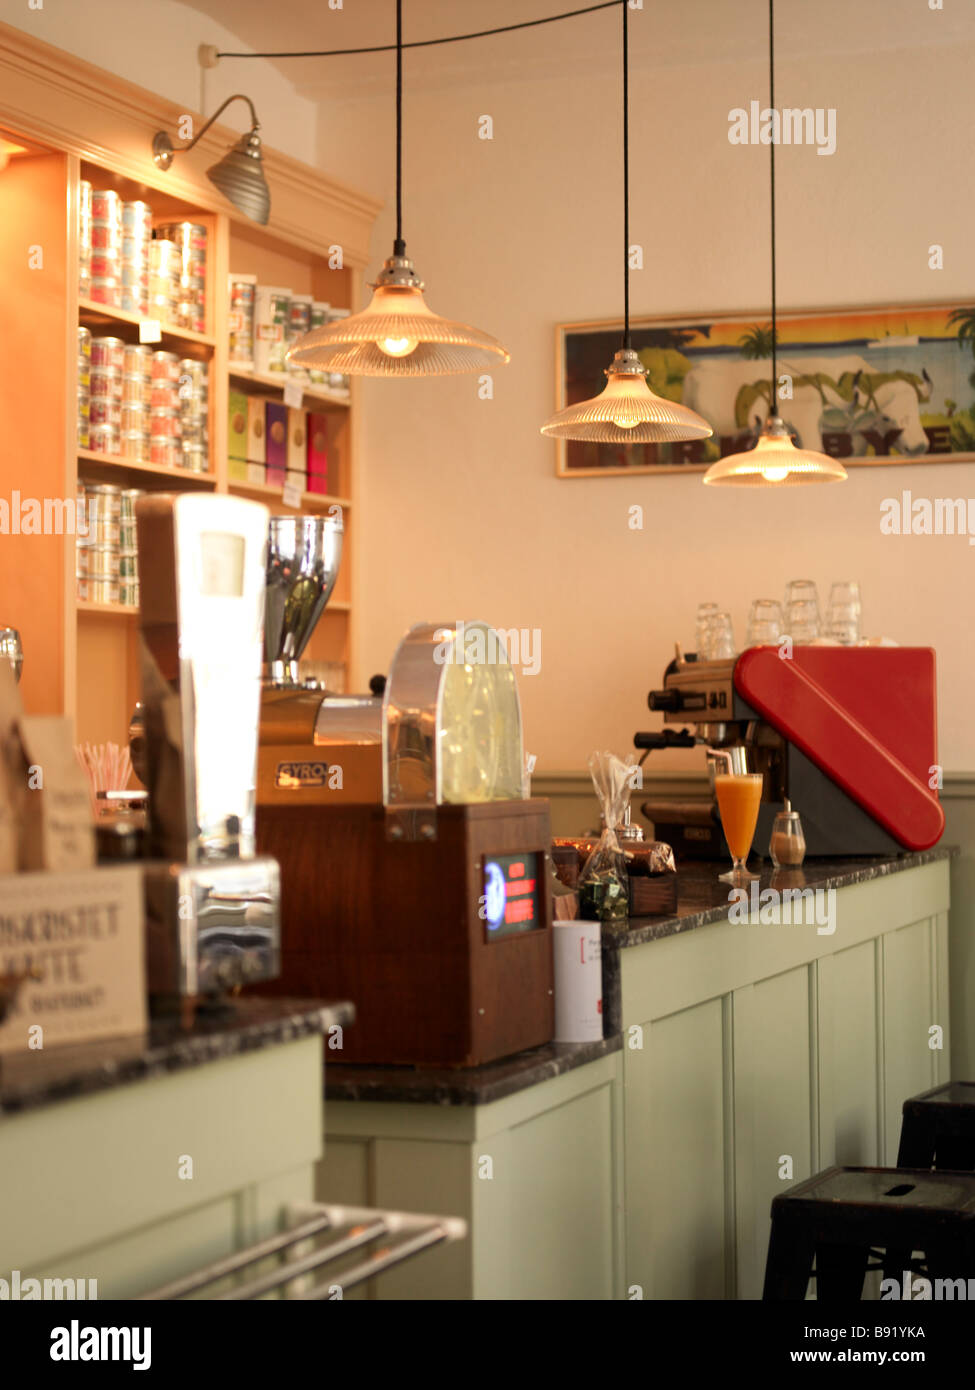 Cafe 1950s Retro Stock Photos & Cafe 1950s Retro Stock ...